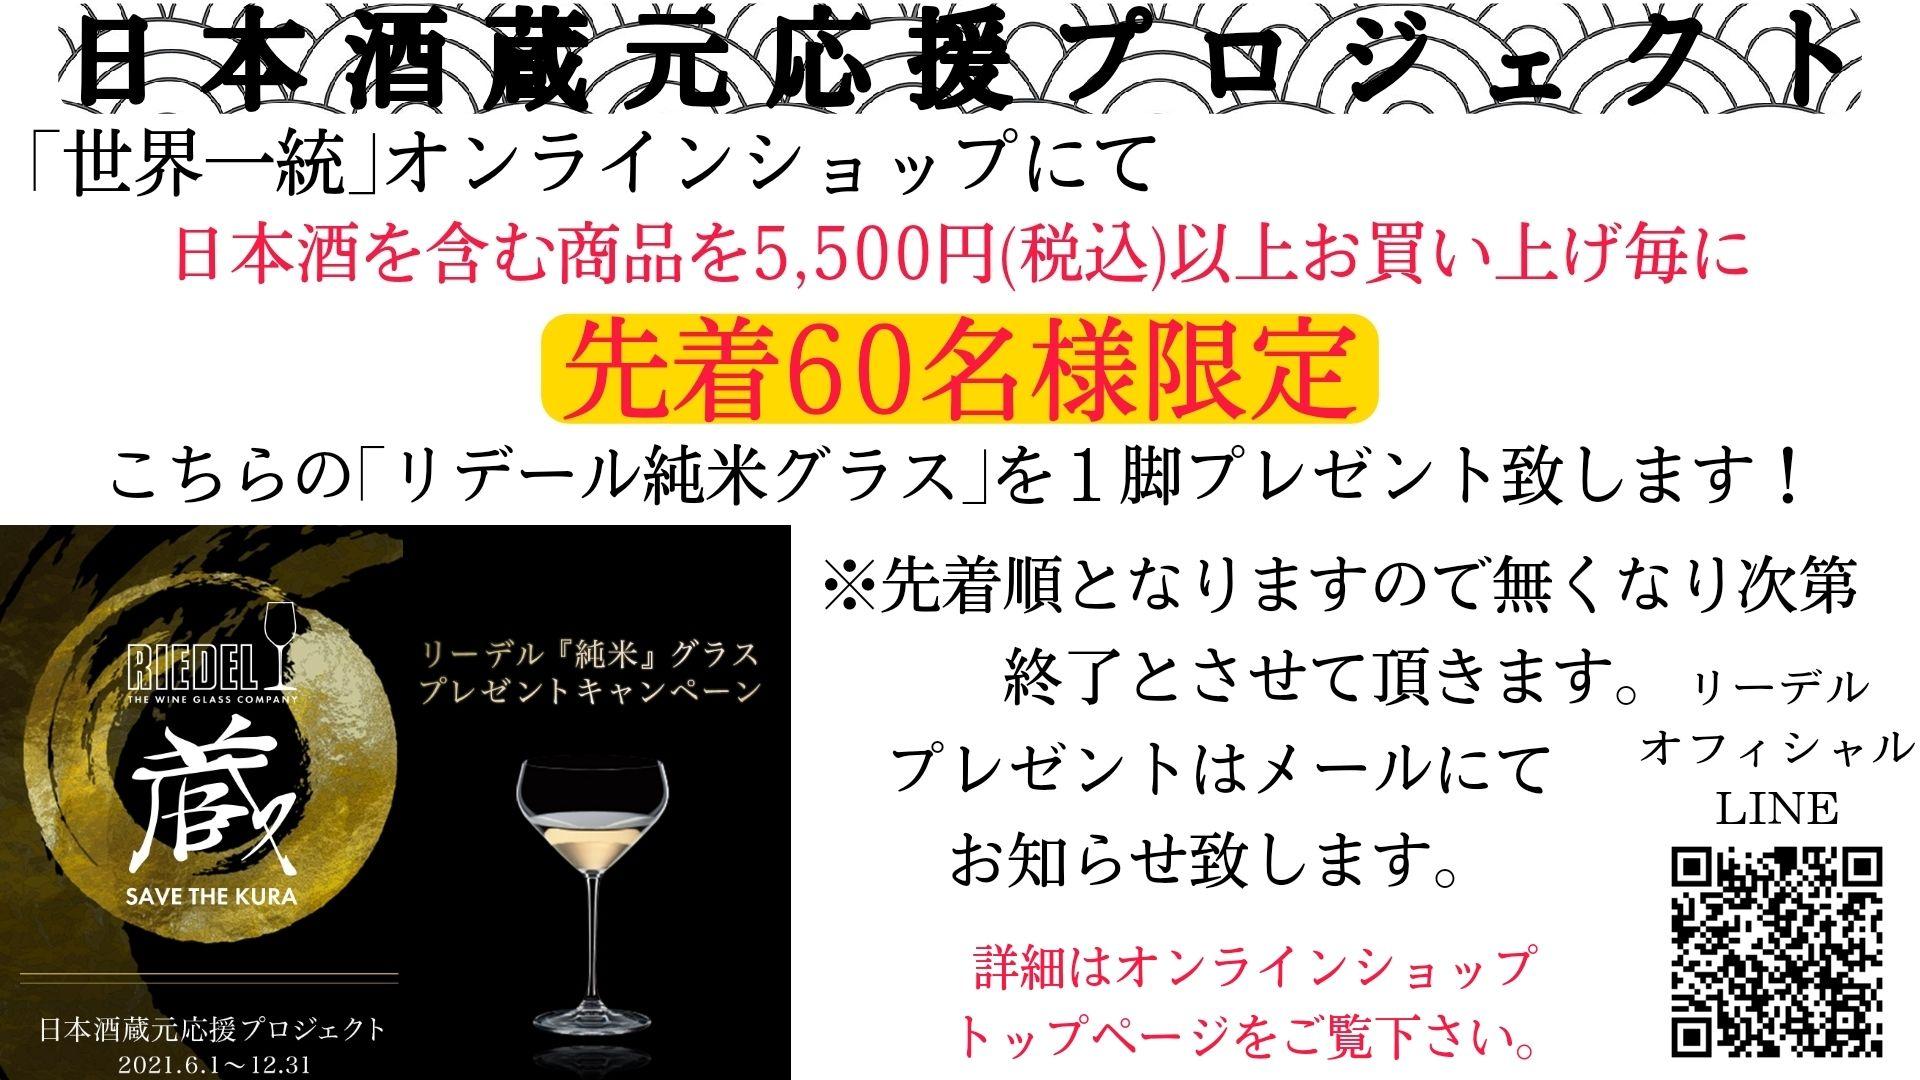 日本酒蔵元応援プロジェクト